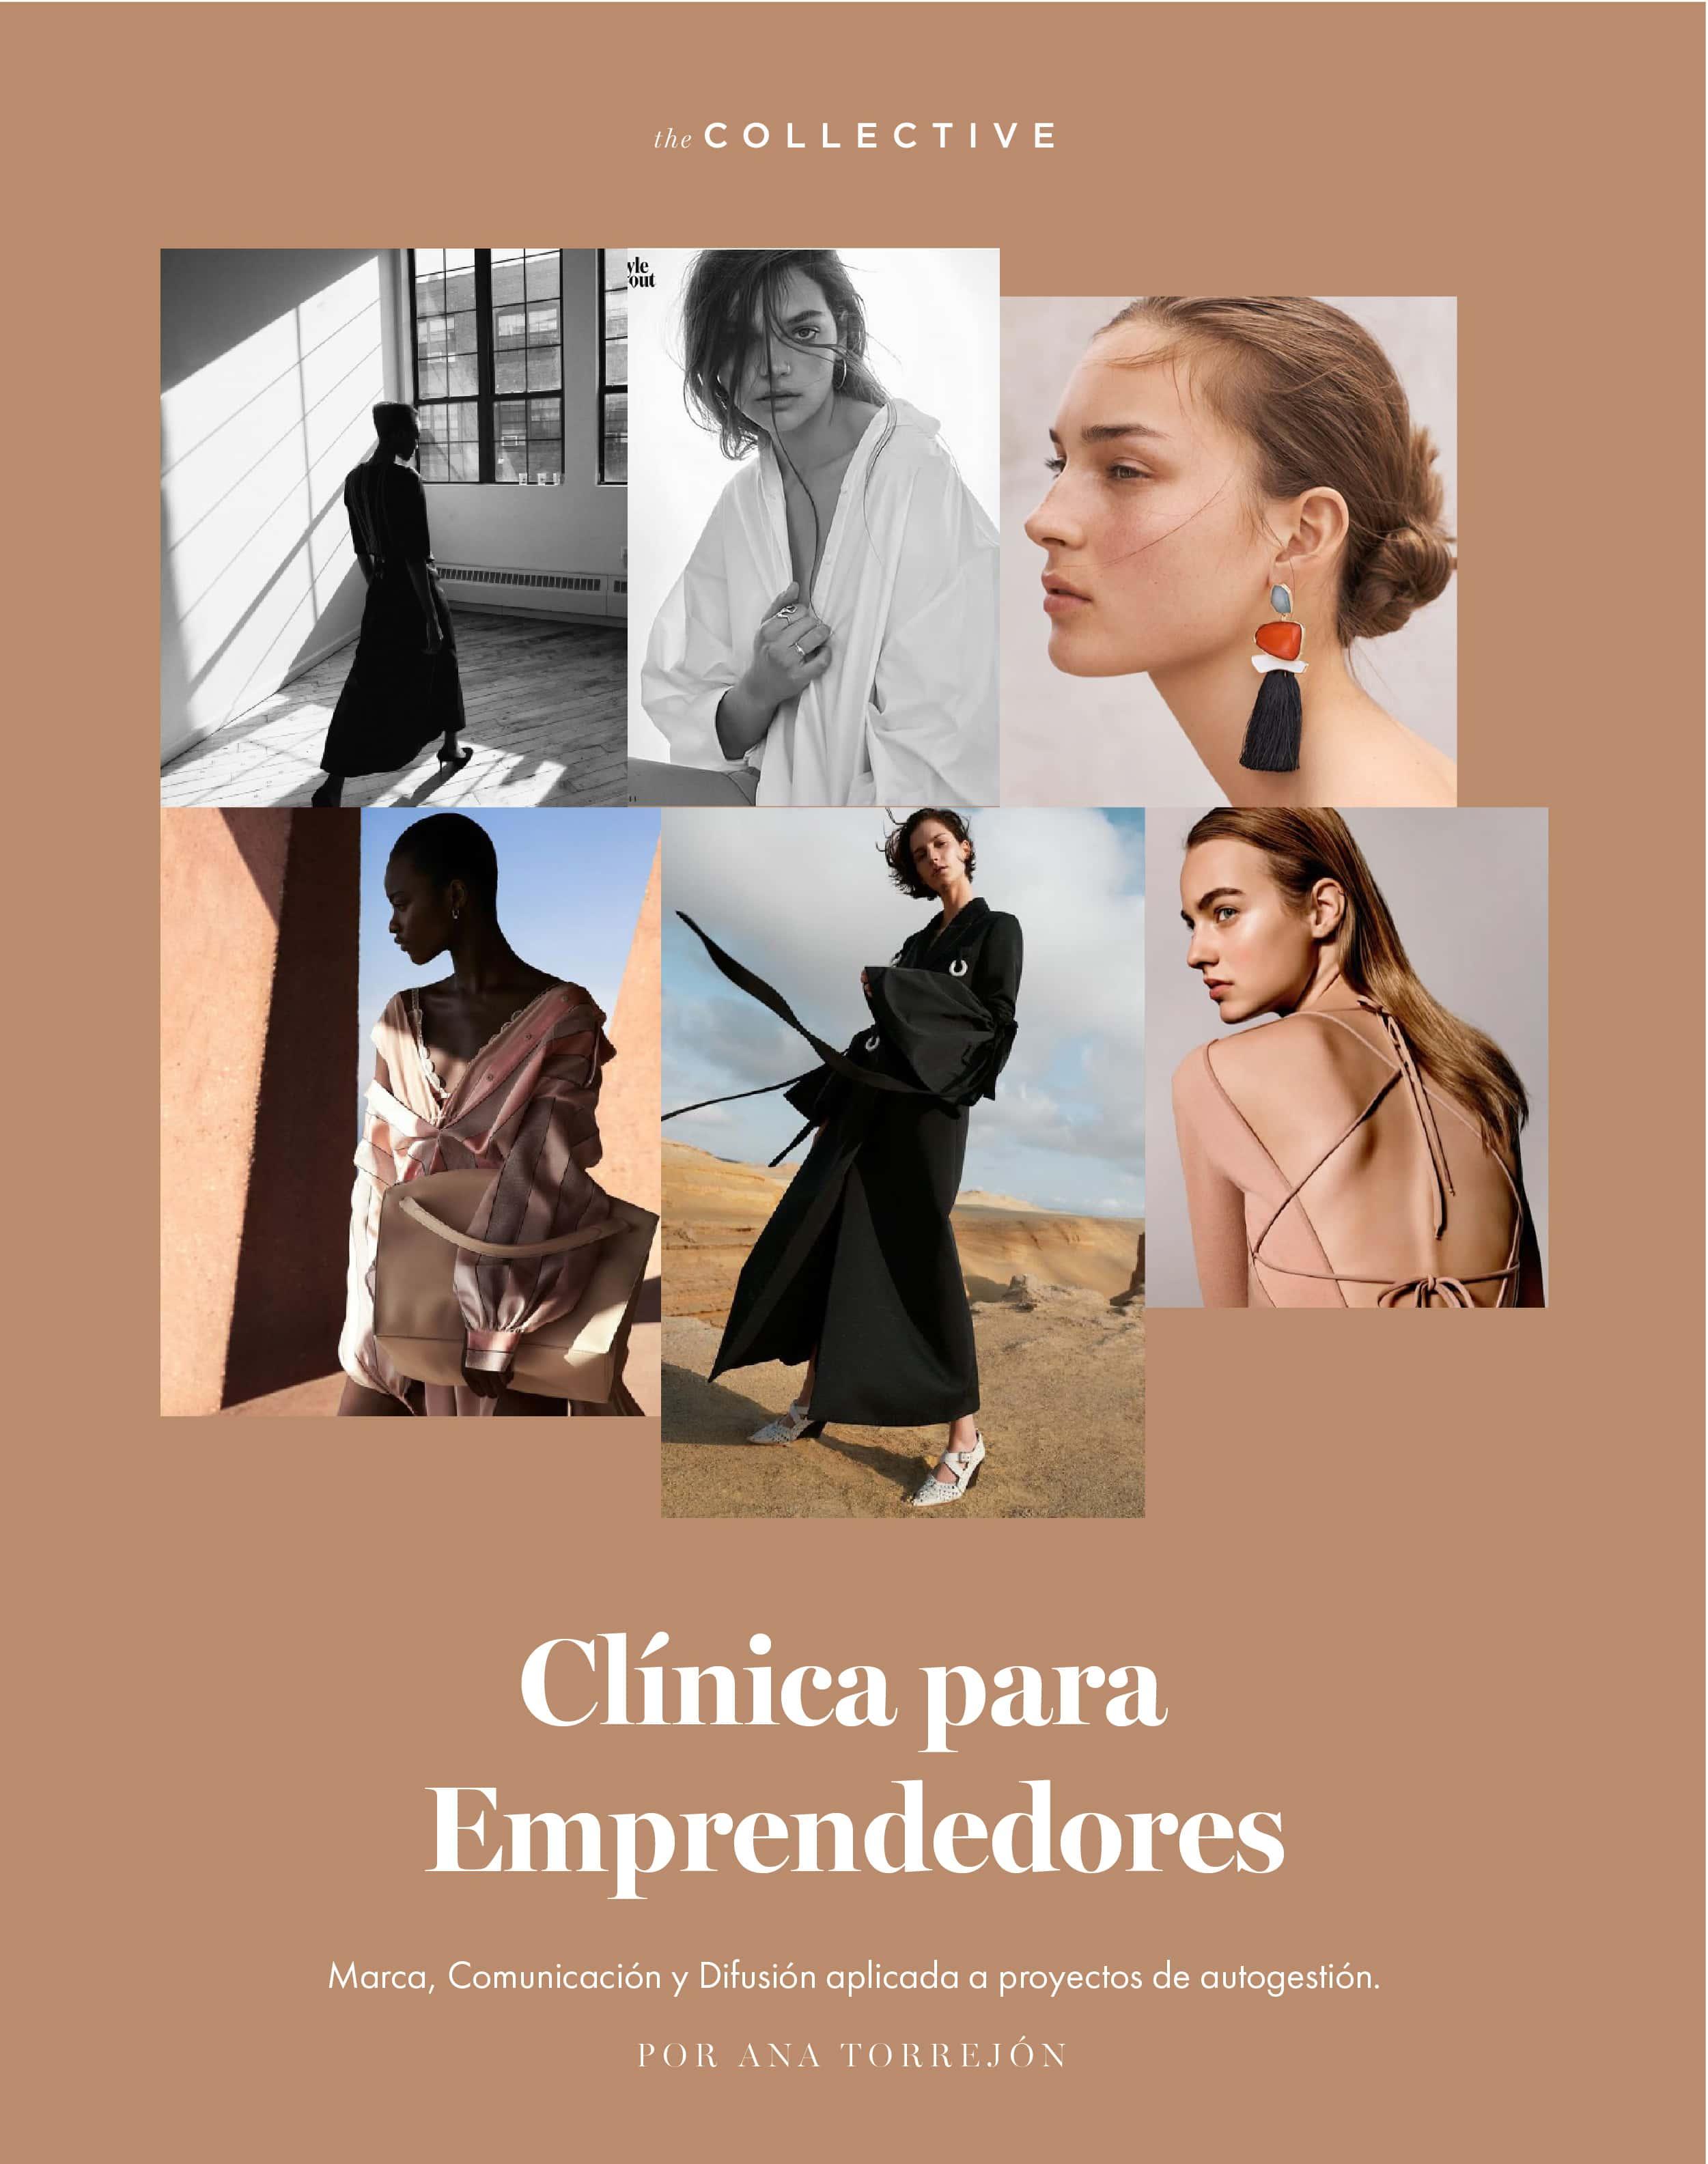 ClinicaparaEmprendedores-05